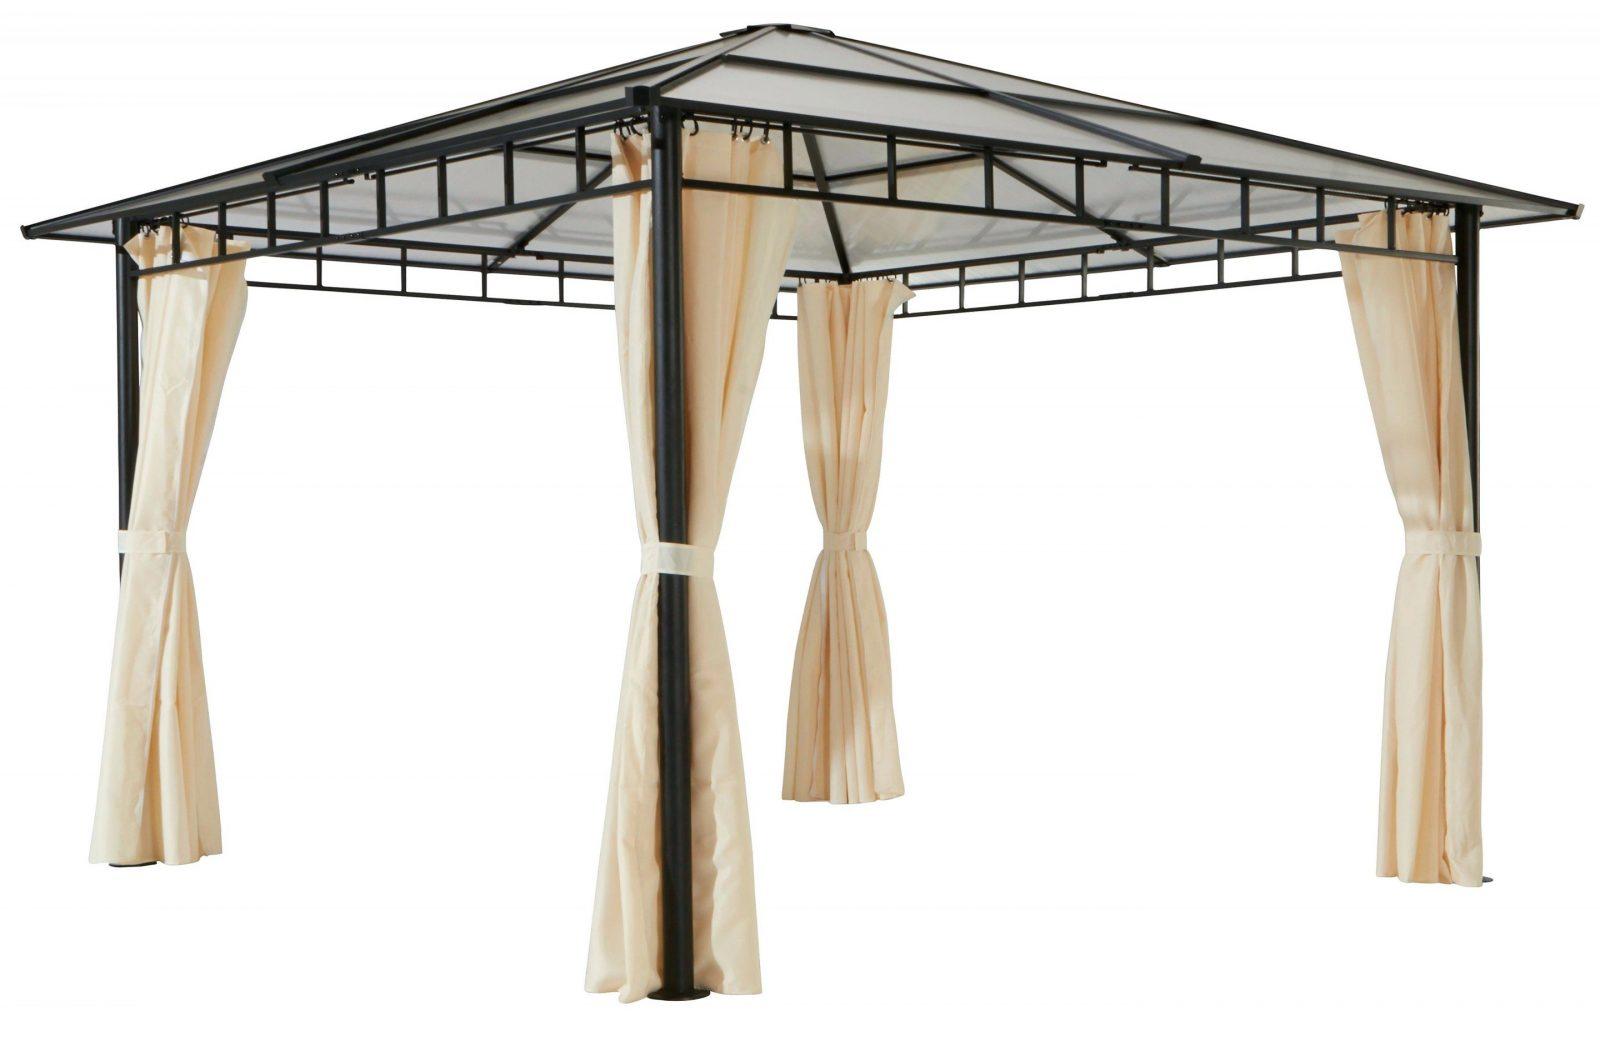 Tolle Interessante Decoratie Pavillons 3×3 Klapp Pavillon von Pavillon Metall 3X3 Wasserdicht Bild